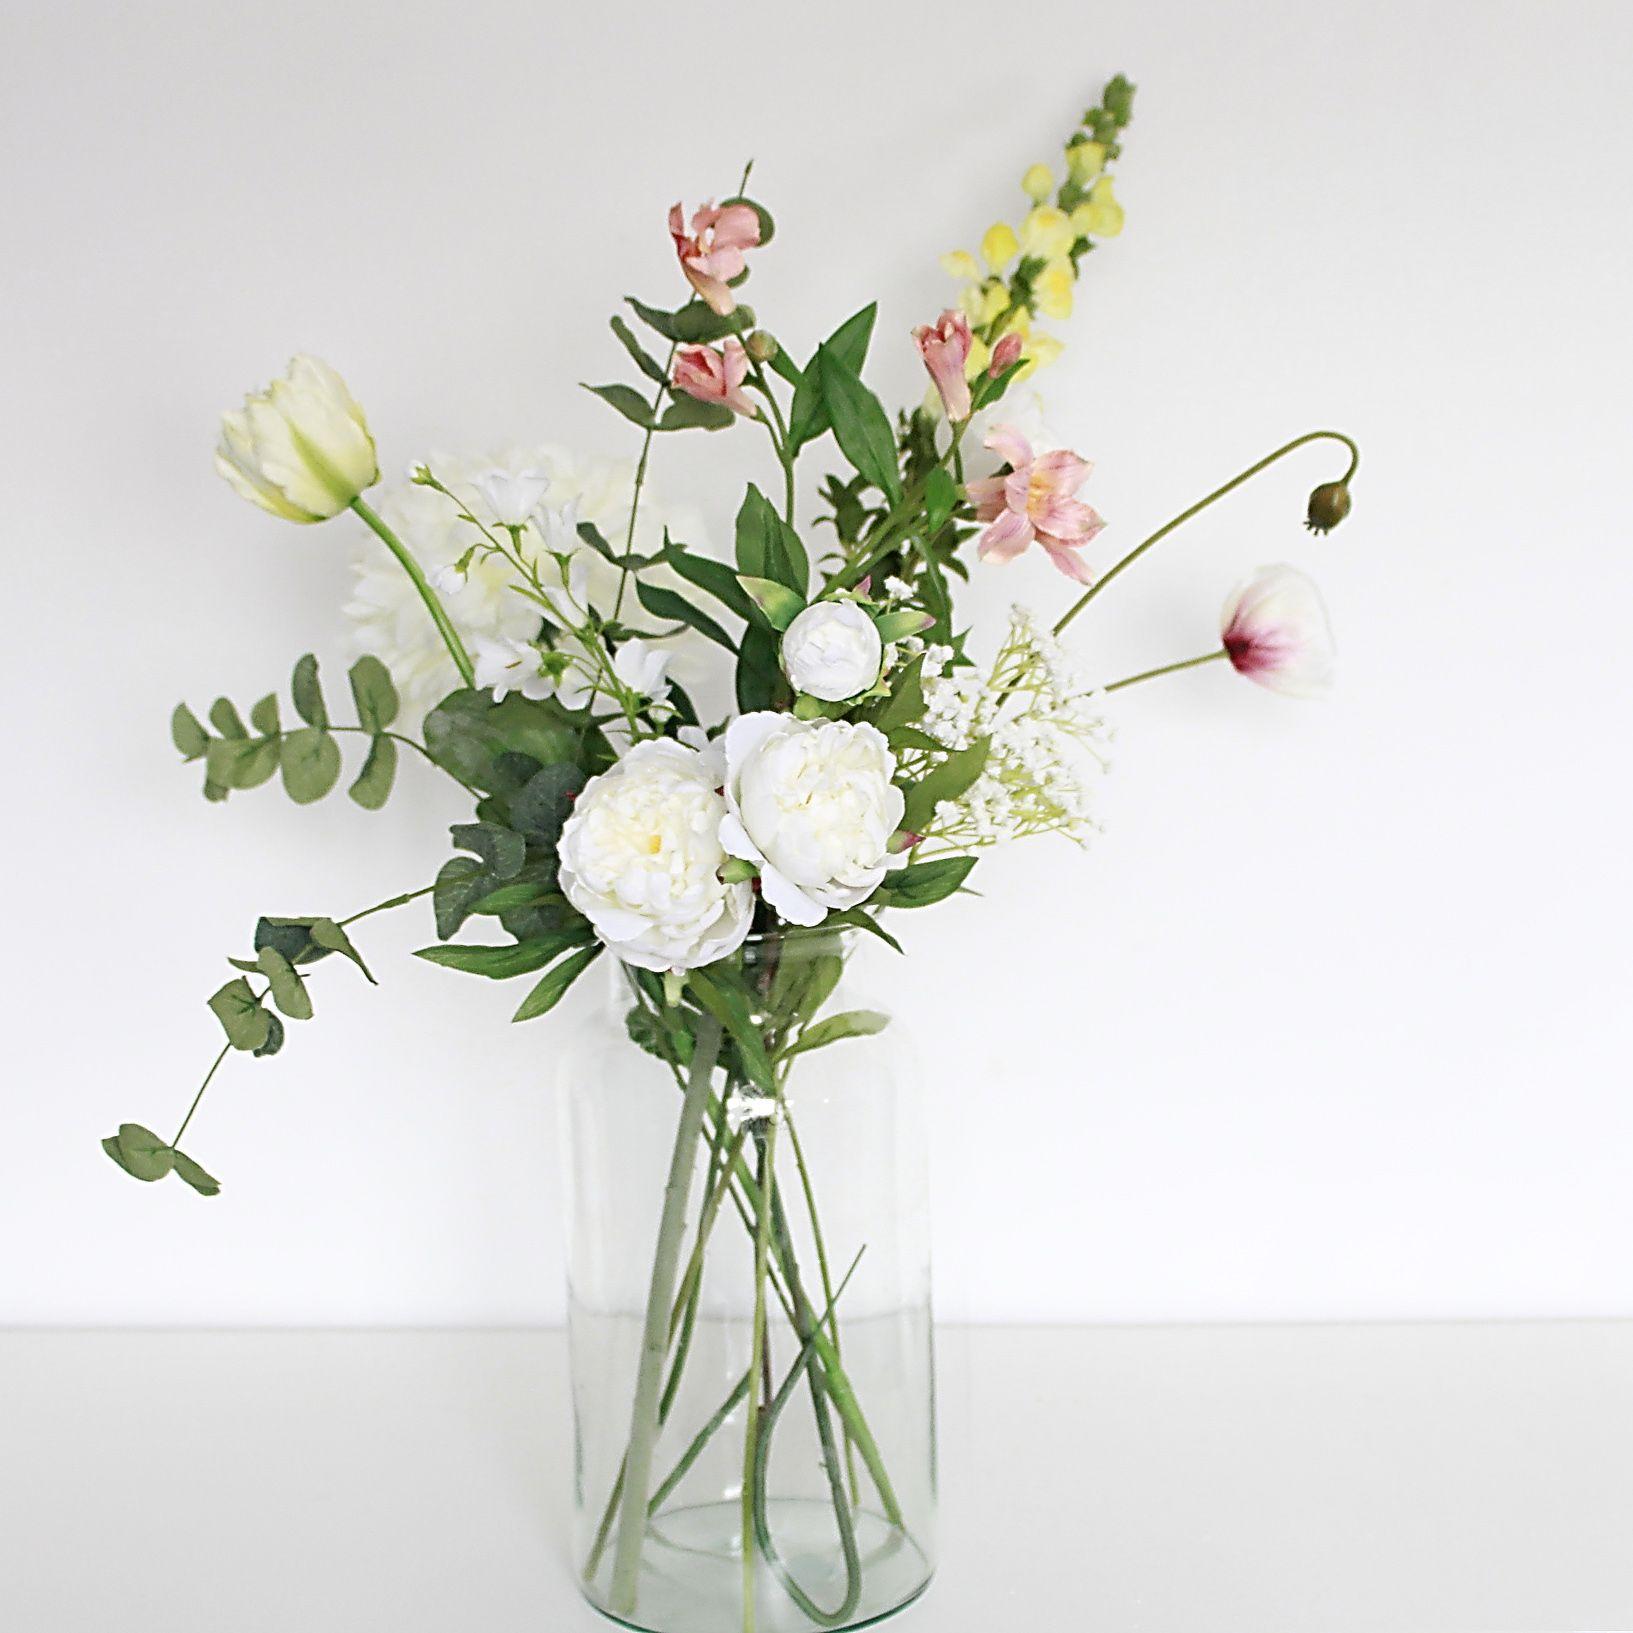 Kunstbloemen veldboeket | Kunstbloemen en naaldhakken | Pinterest